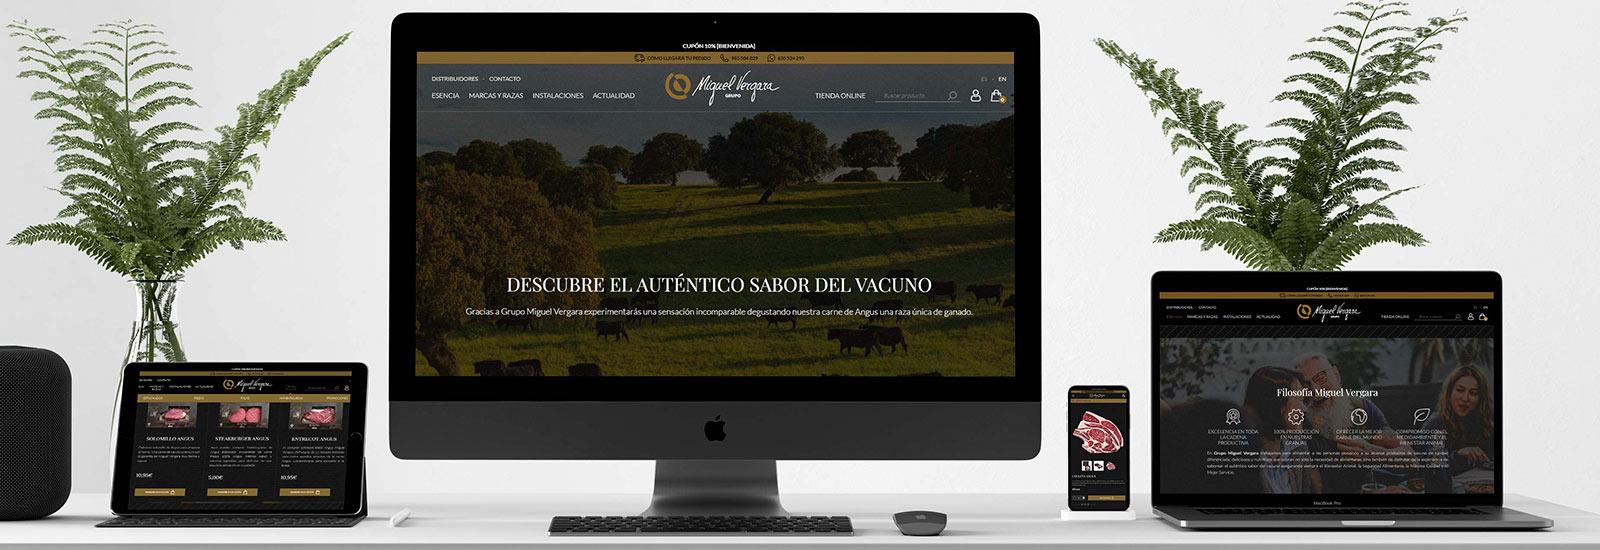 Grupo Miguel Vergara estrena página web con tienda online integrada: miguelvergara.com